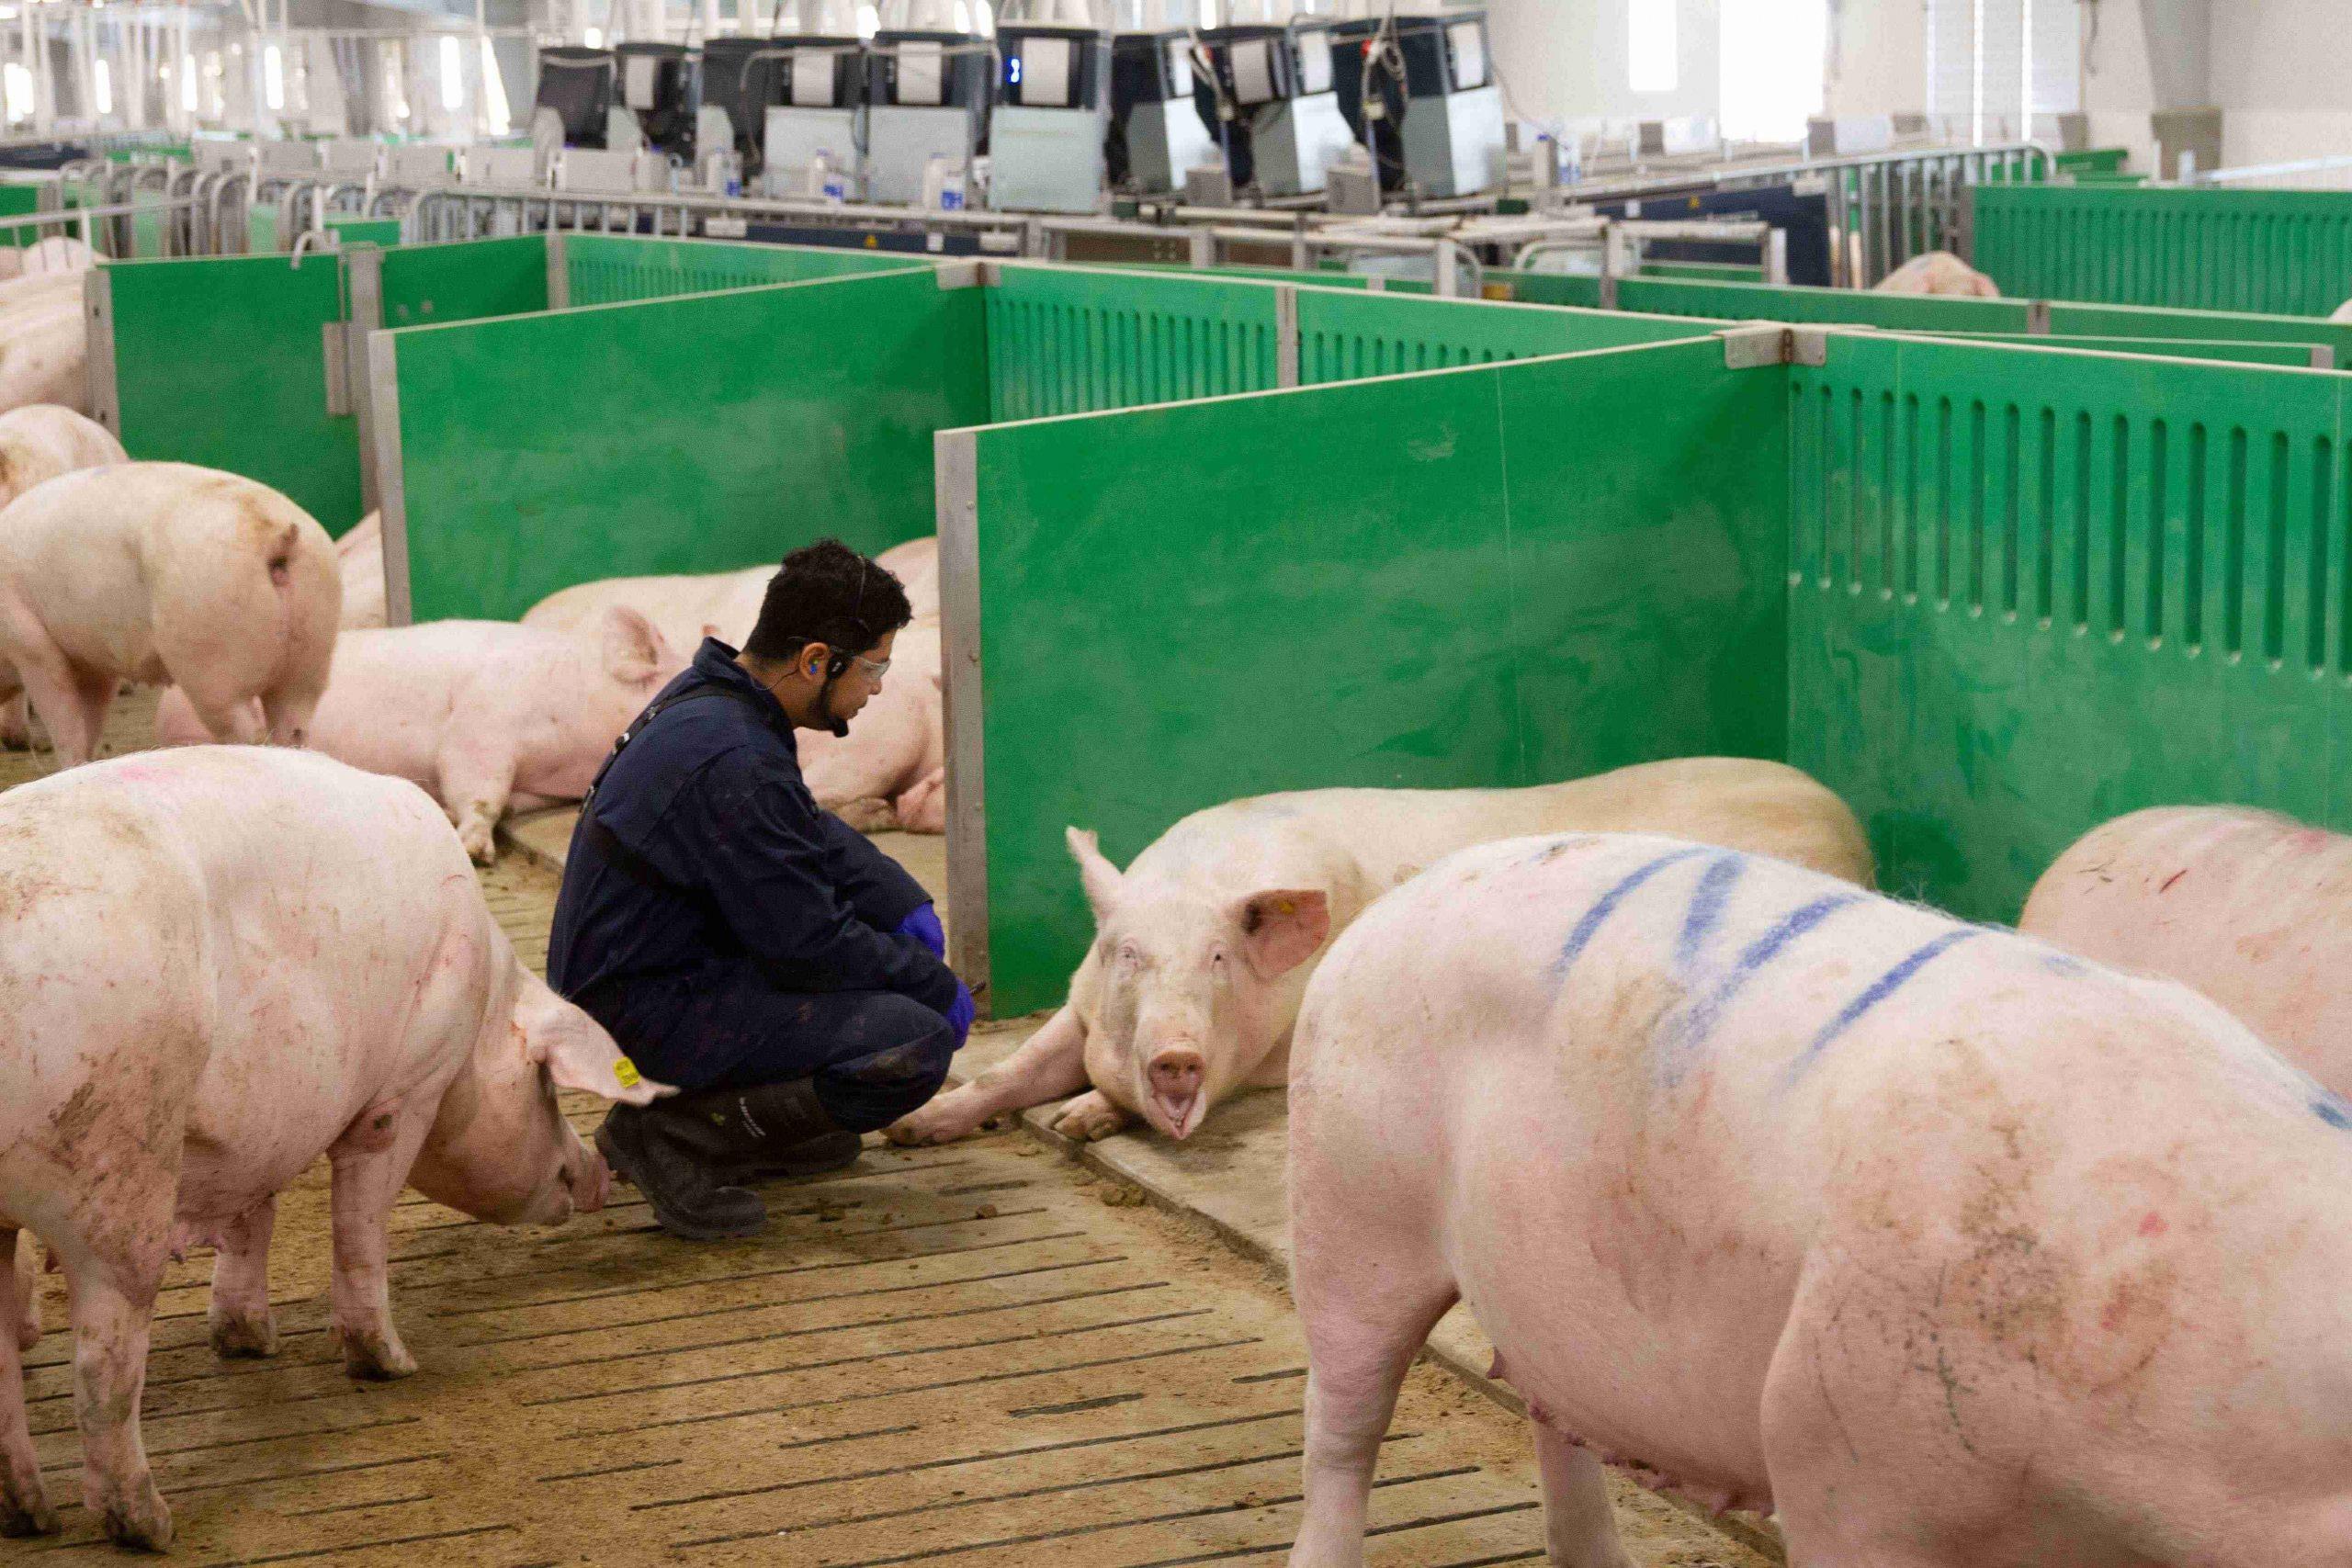 Employee in barn